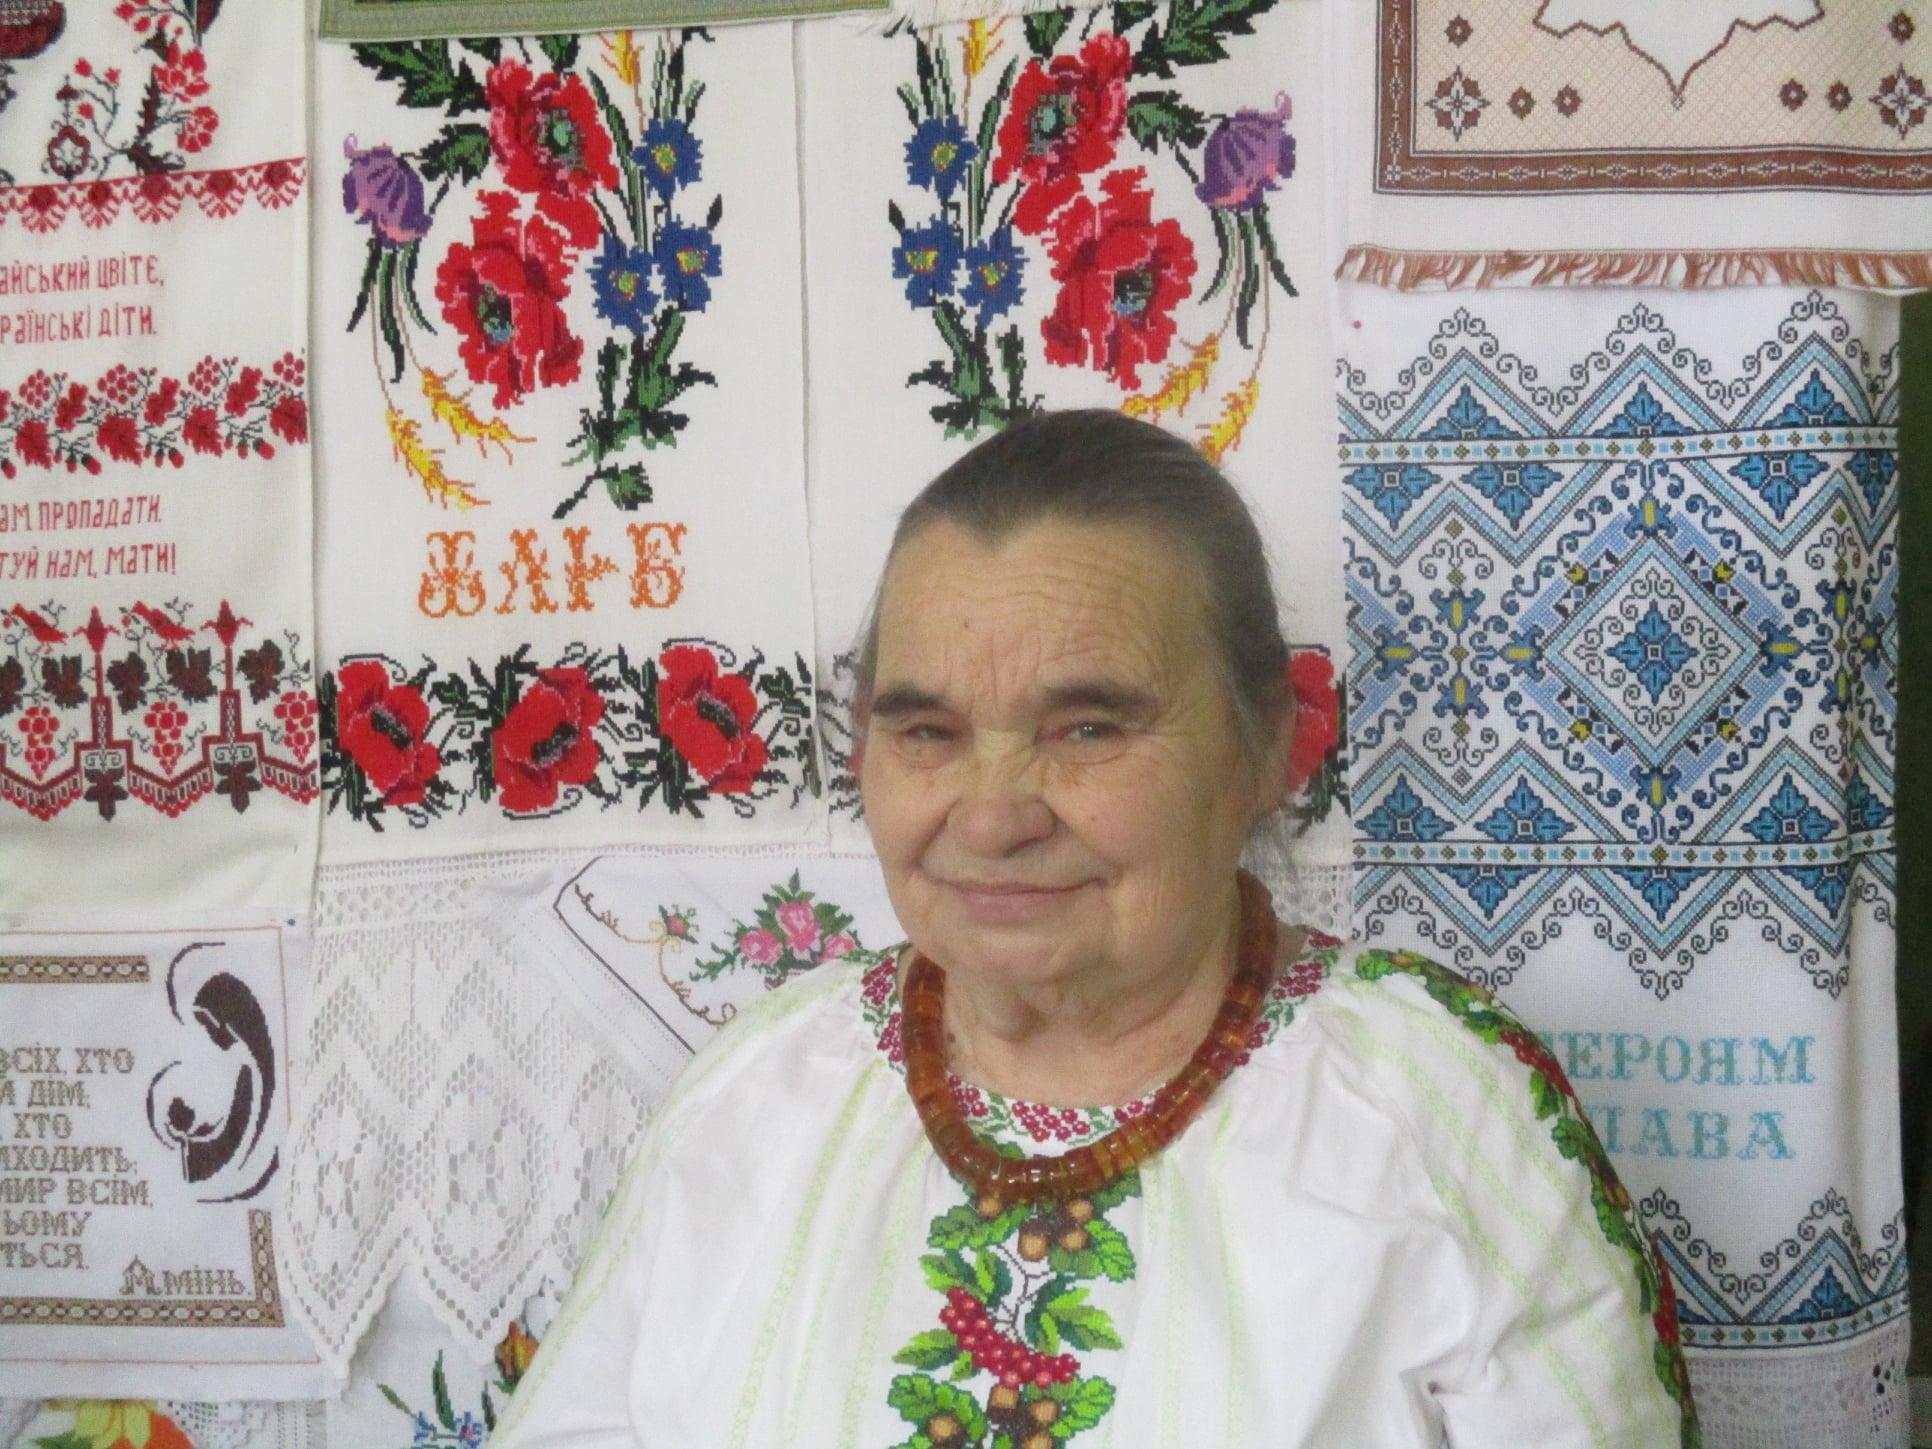 Виставка 80-річної майстрині Ганни Корженівської в Ірпені - Приірпіння, музей, Мистецтво, київщина, виставка - Korzhen